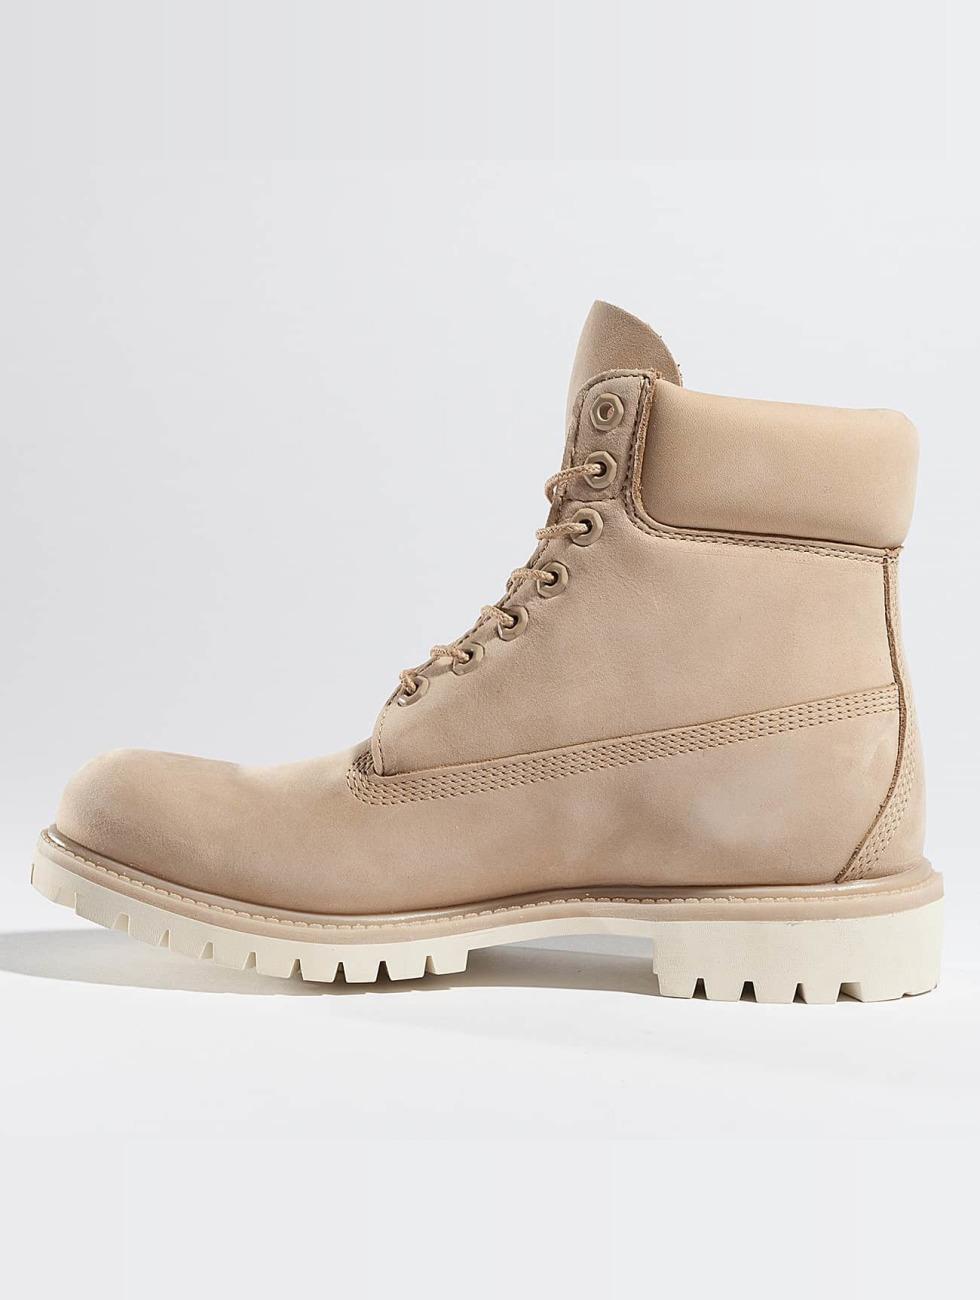 Timberland schoen / Boots 6 Premium in beige 306552 Klaring Modieuze Voor Sfeervolle Goedkope Online Goedkope Koop Origineel Verkoop Perfect tEbQ3jHO7W